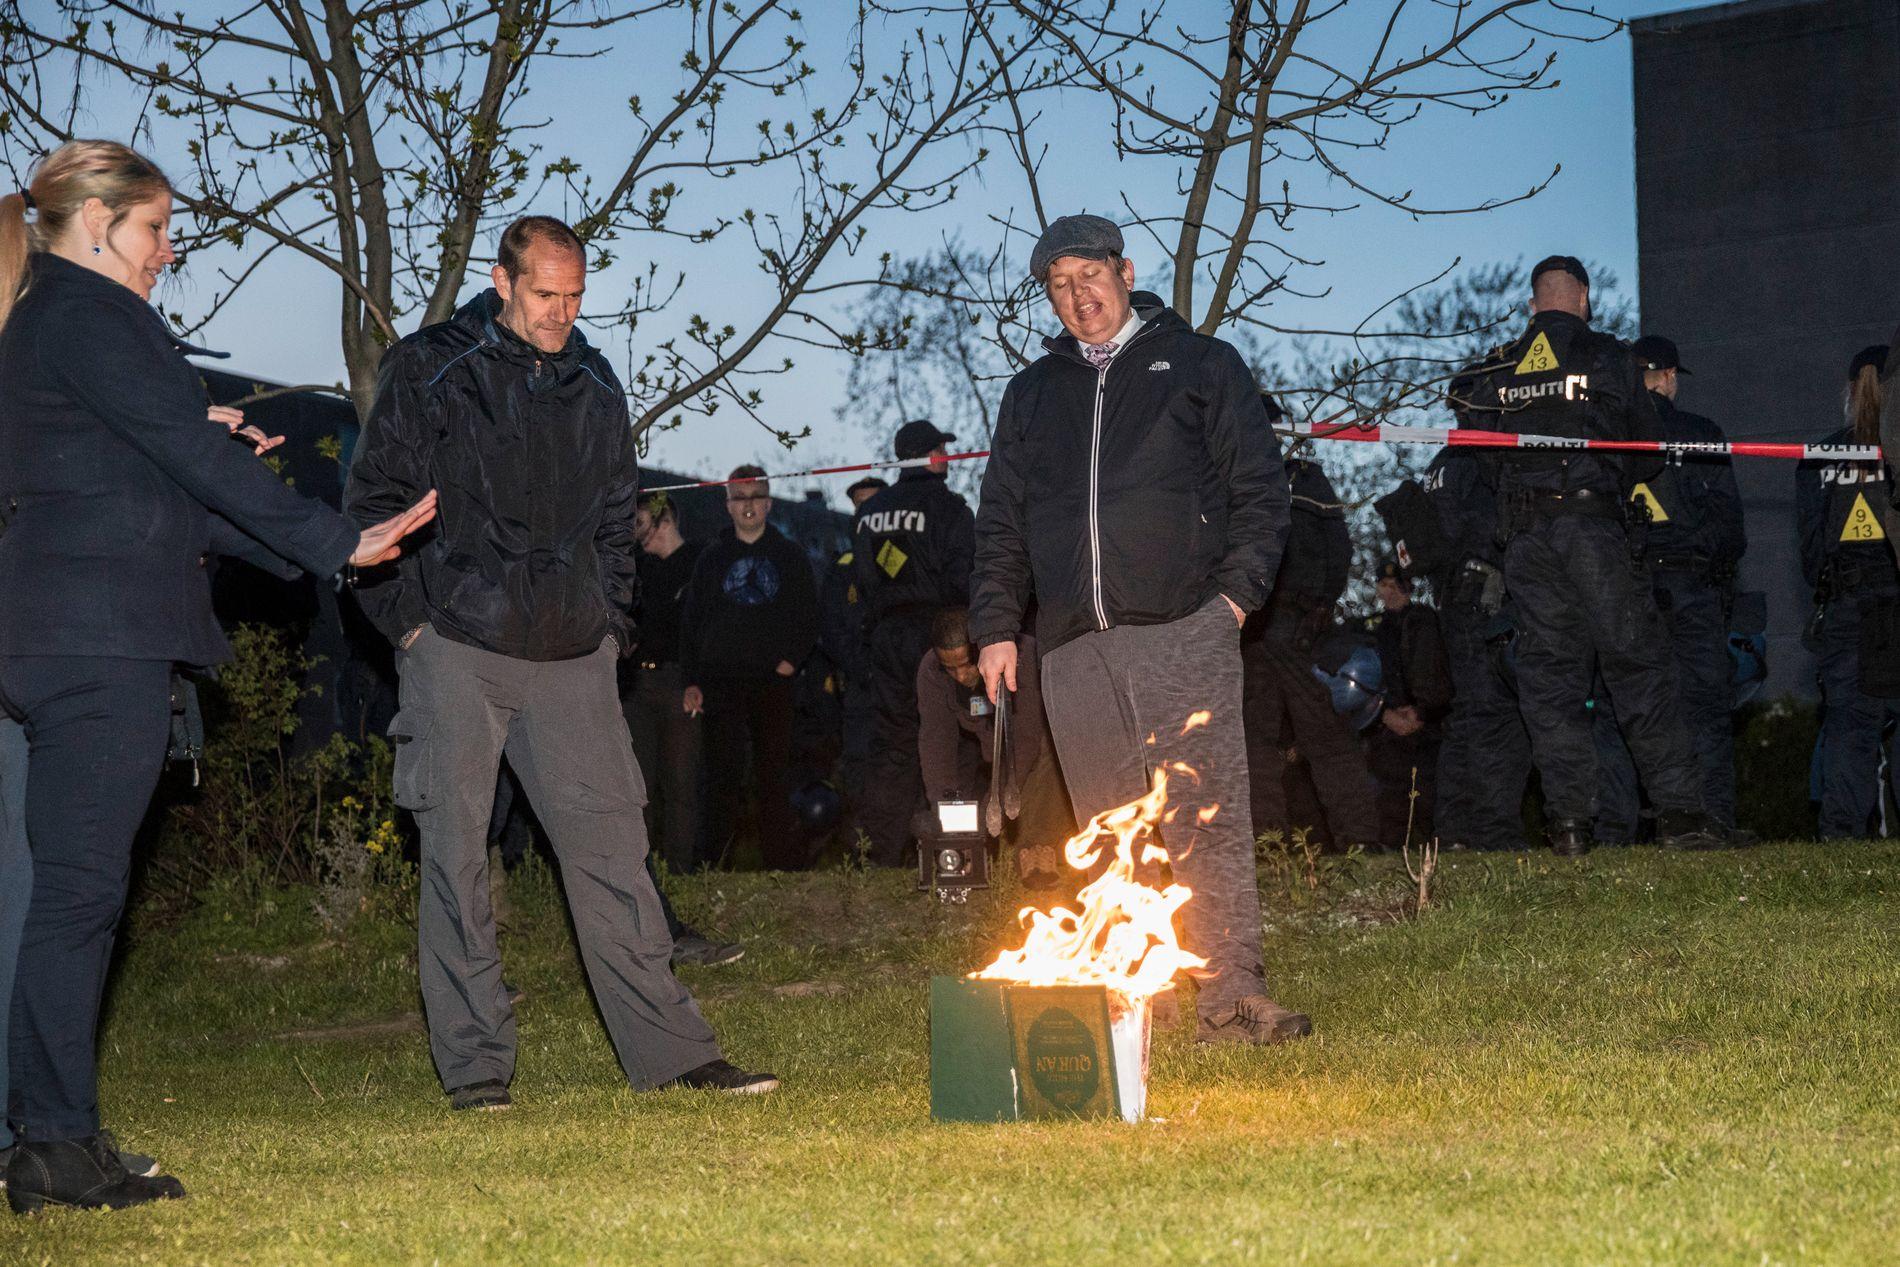 KORANBRENNER: Paludan fra Stram Kurs under en demonstrasjon i Kokkedal, Danmark 29. april i år.